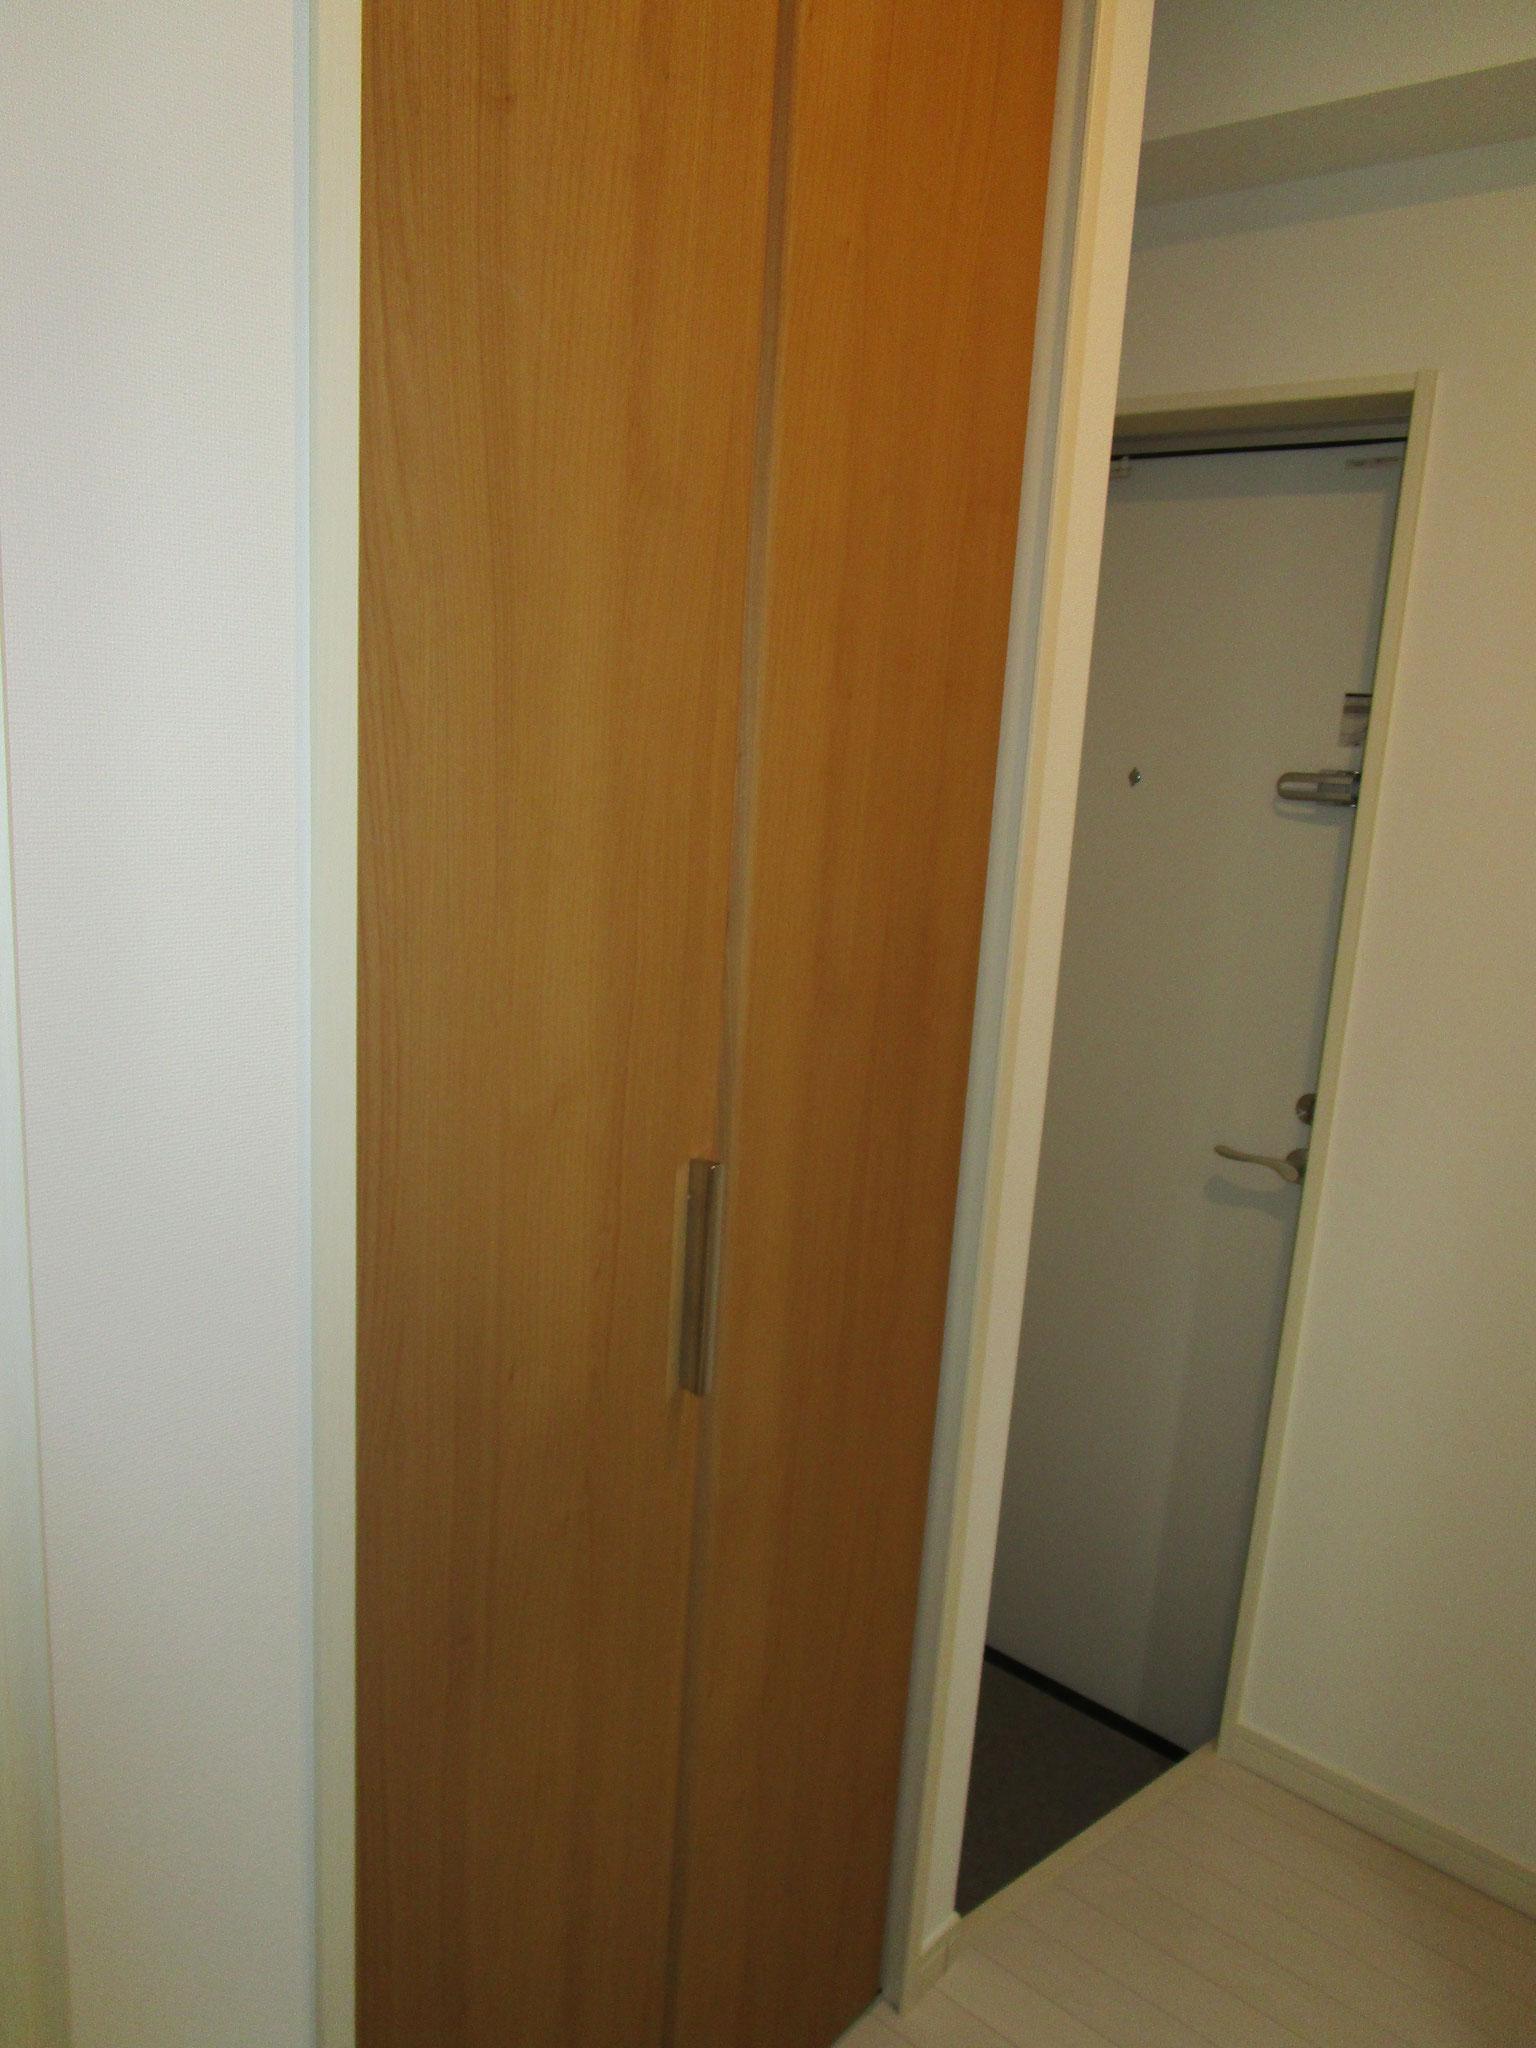 キッチンの向かいは扉付きの収納